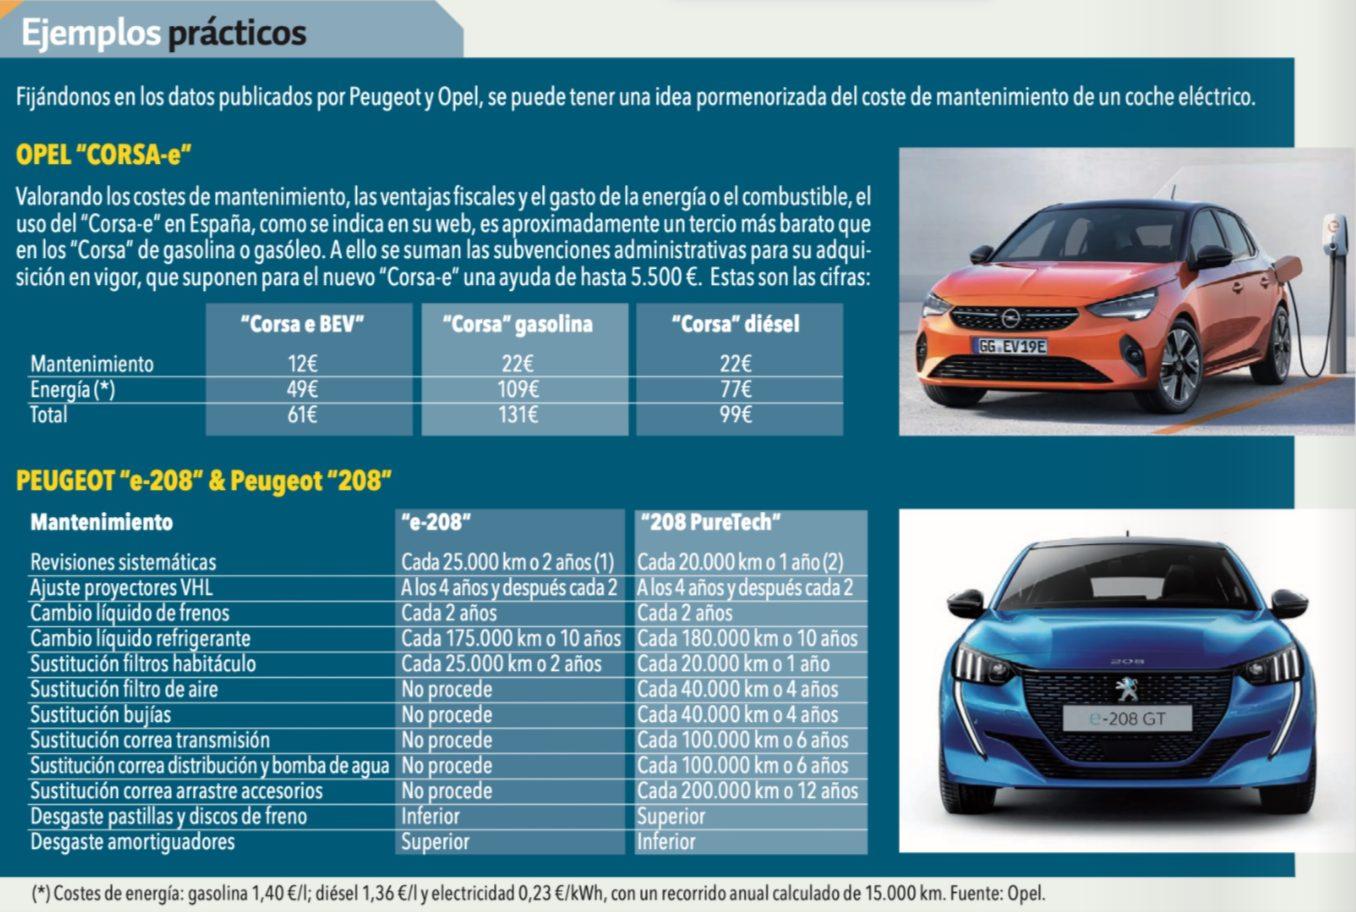 ejemplos de mantenimiento para coches eléctricos